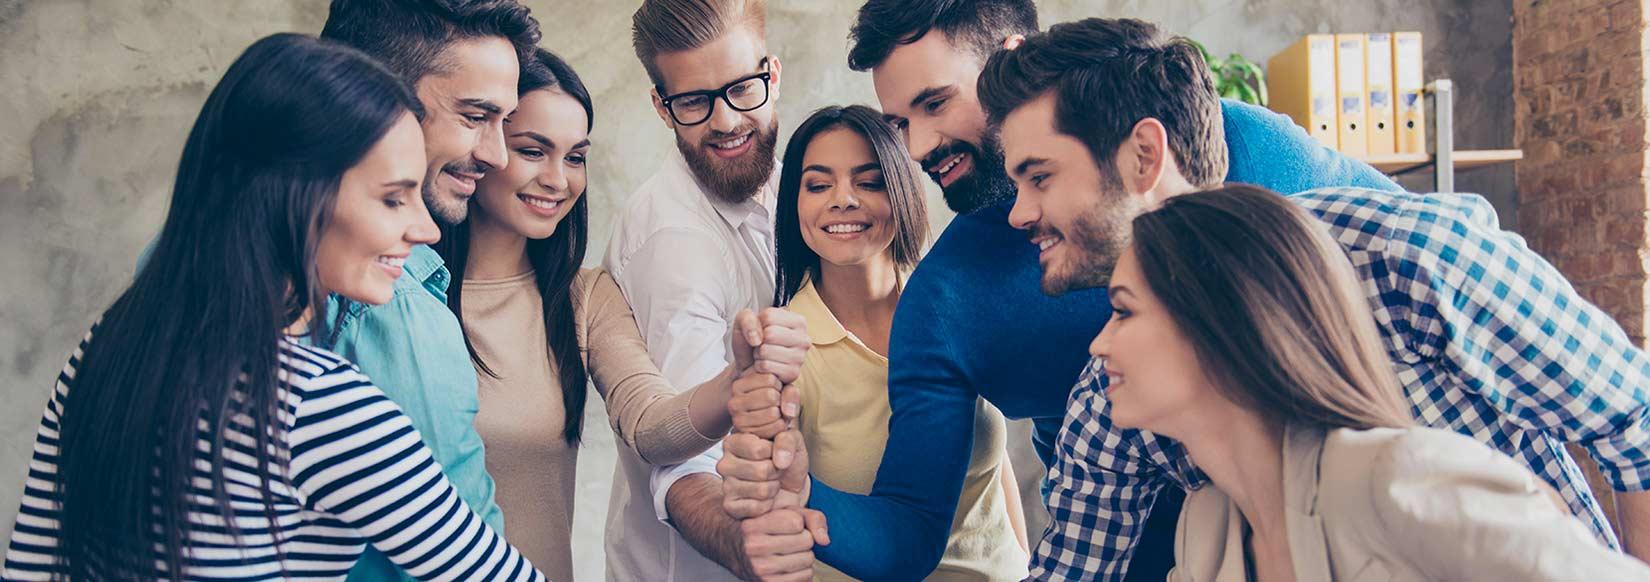 organiser-un-team-building-entreprise-bordeaux-33